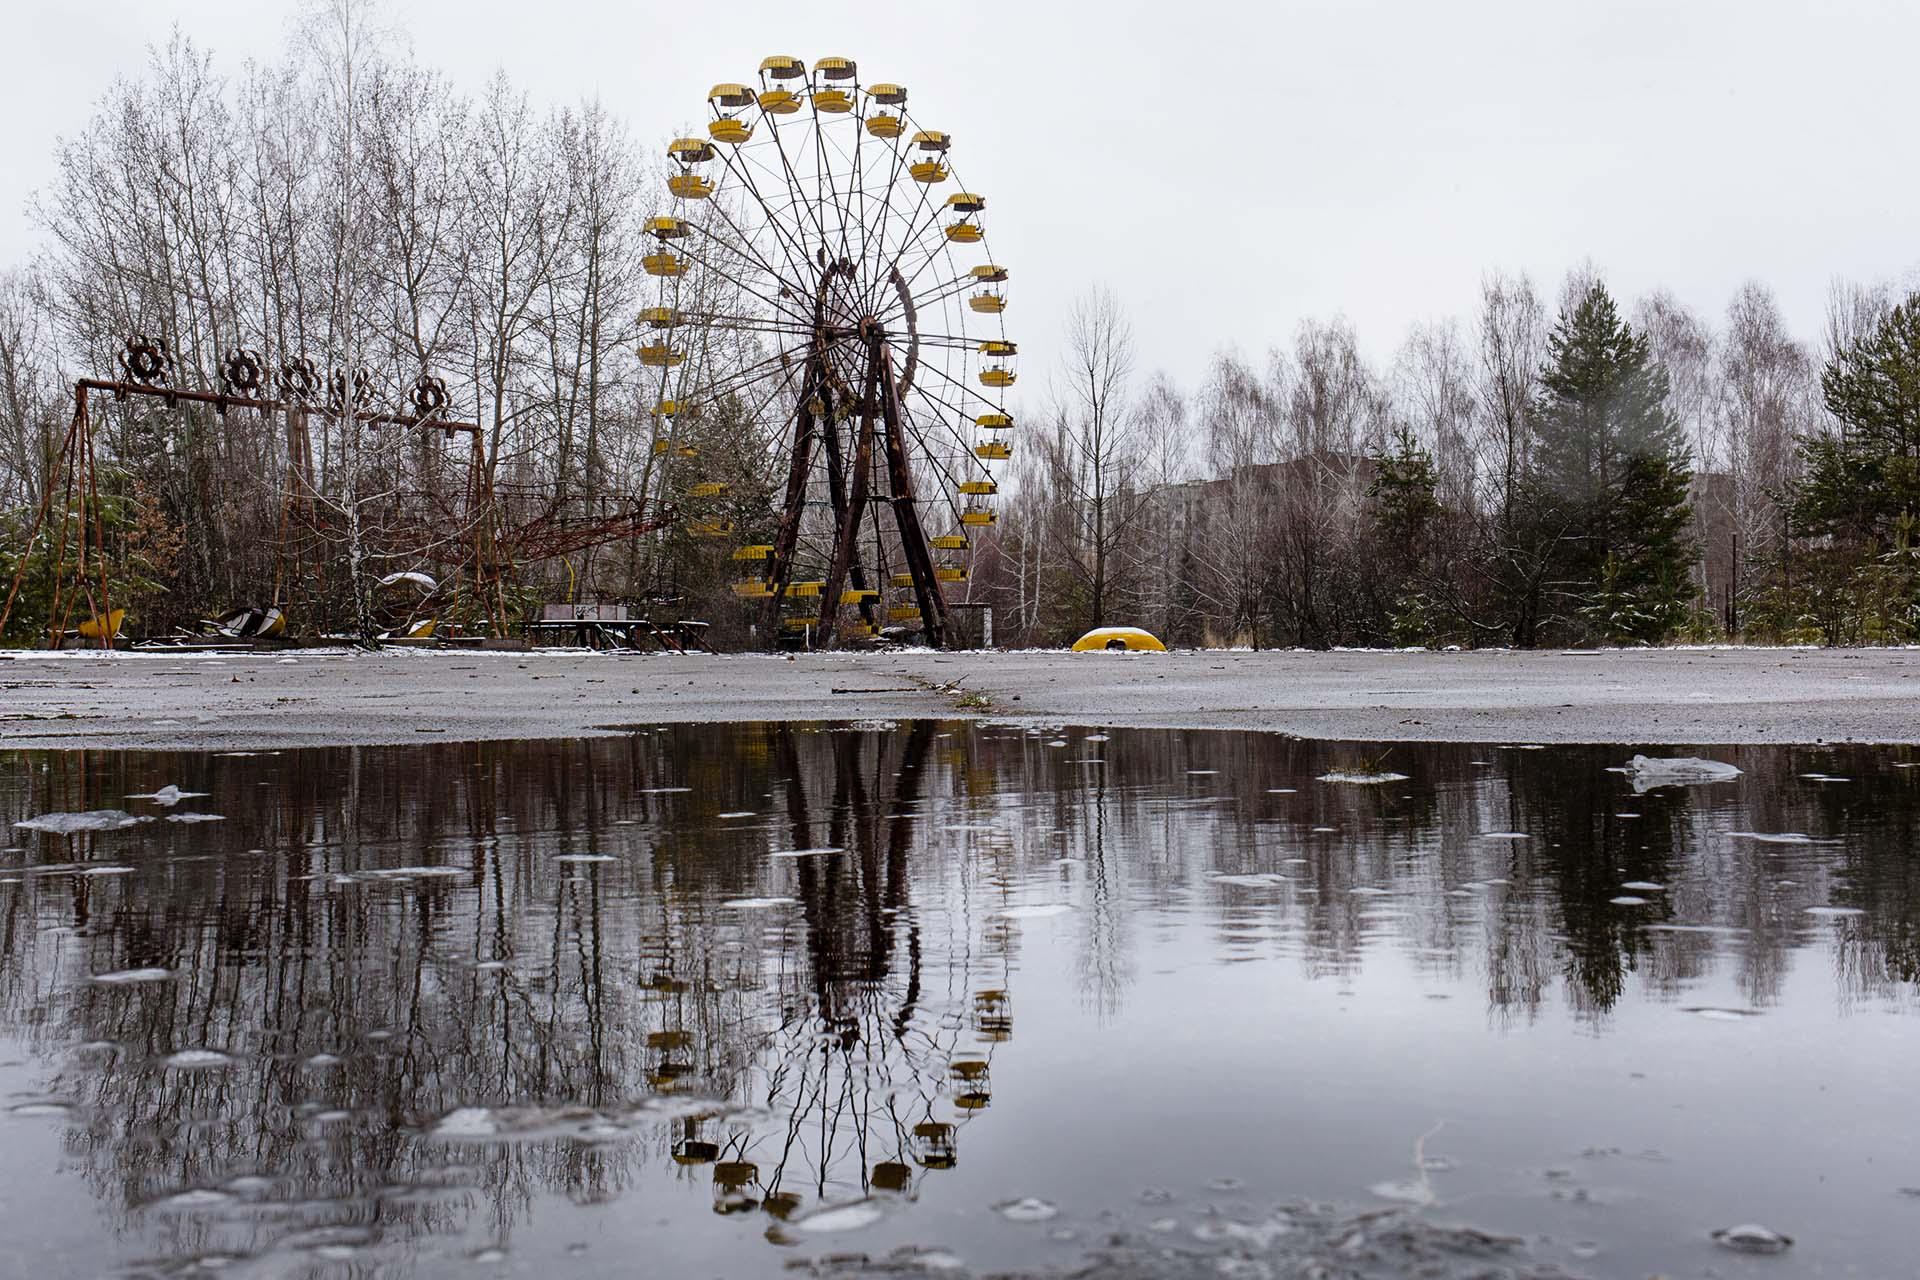 La famosa noria del parque central de Pripyat.